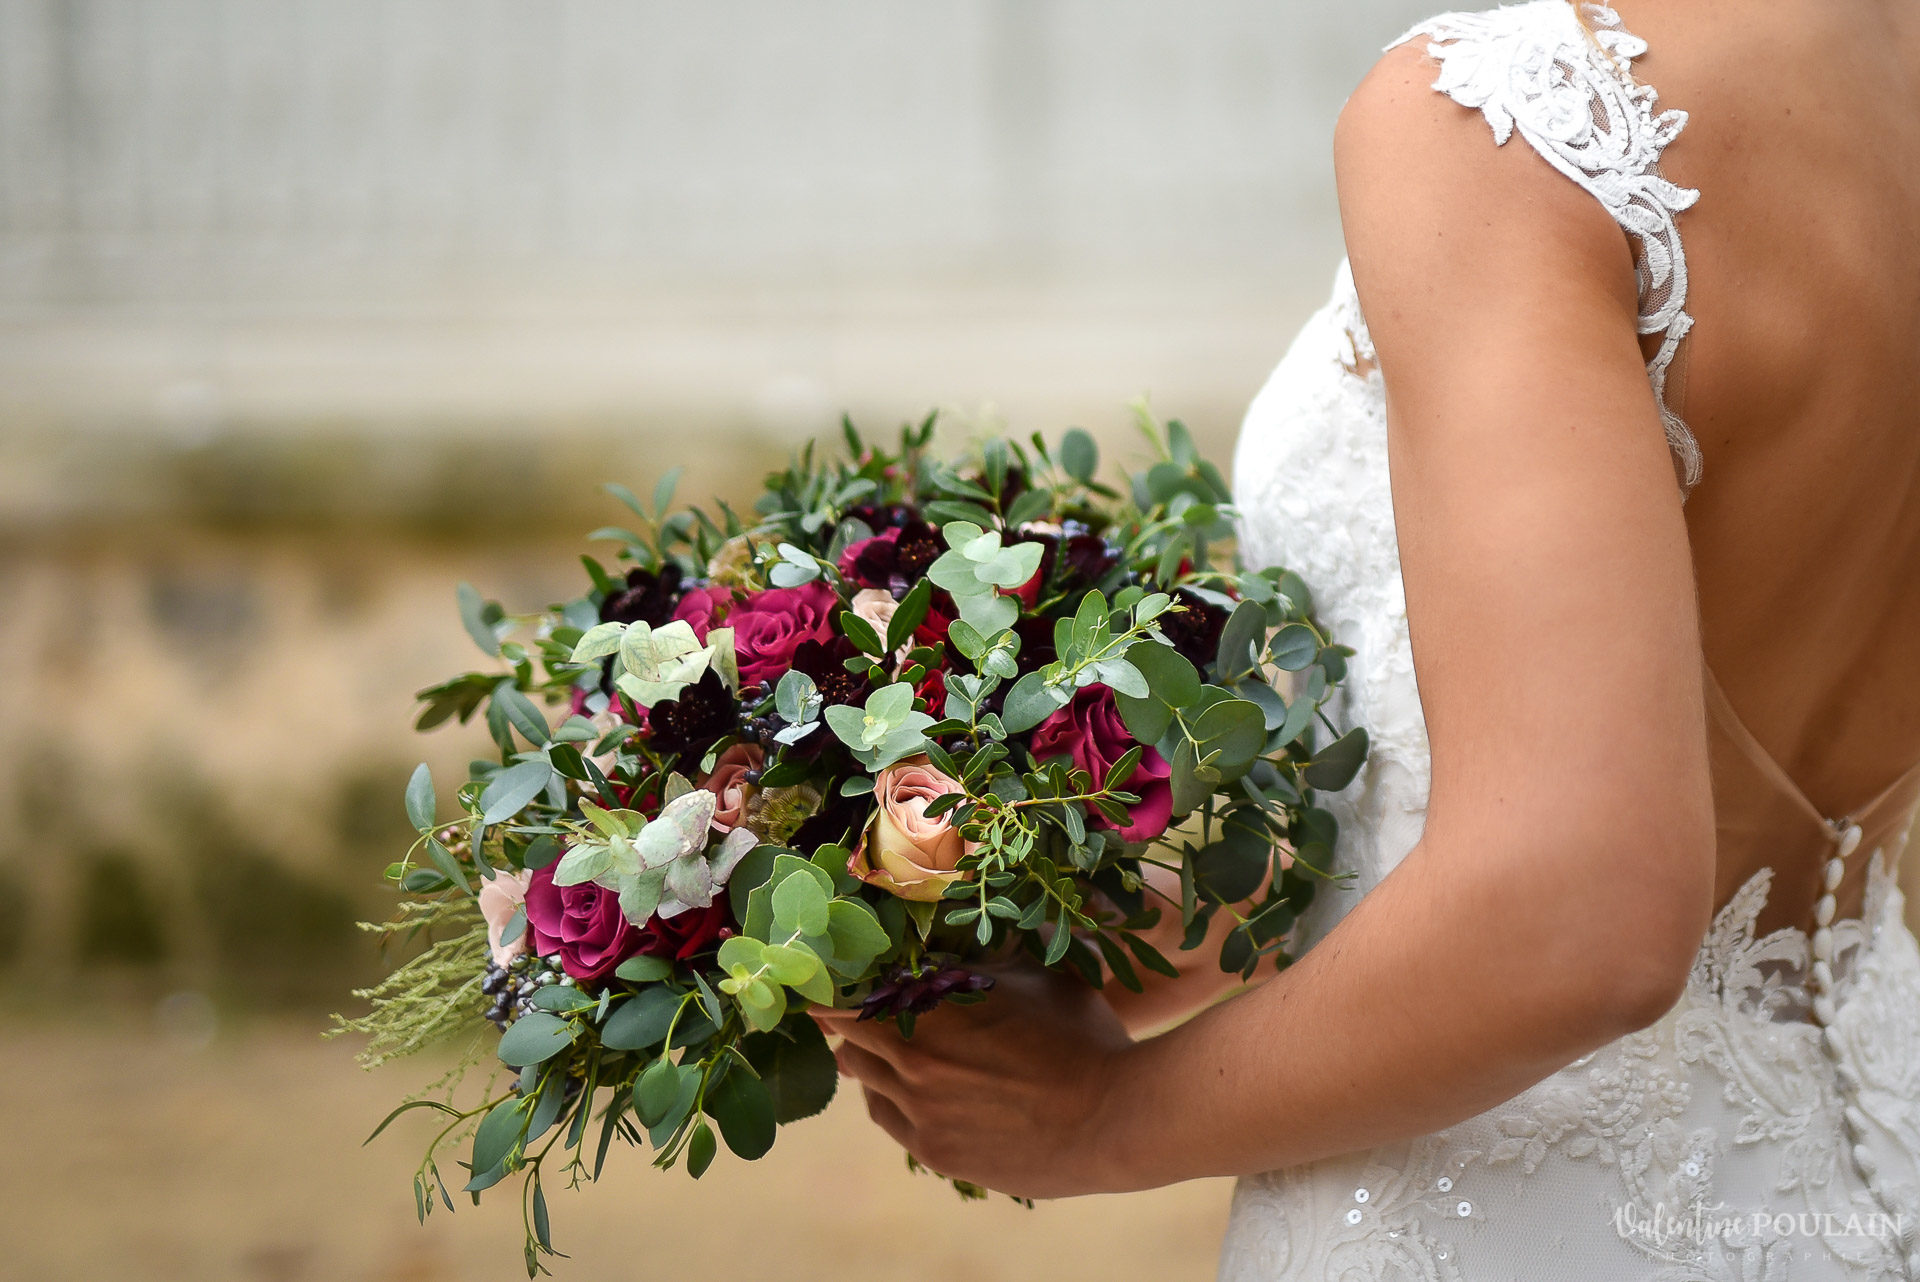 Mariage lieu insolite Paris -Valentine Poulain Domaine de Brunel Château du Prieuré bouquet